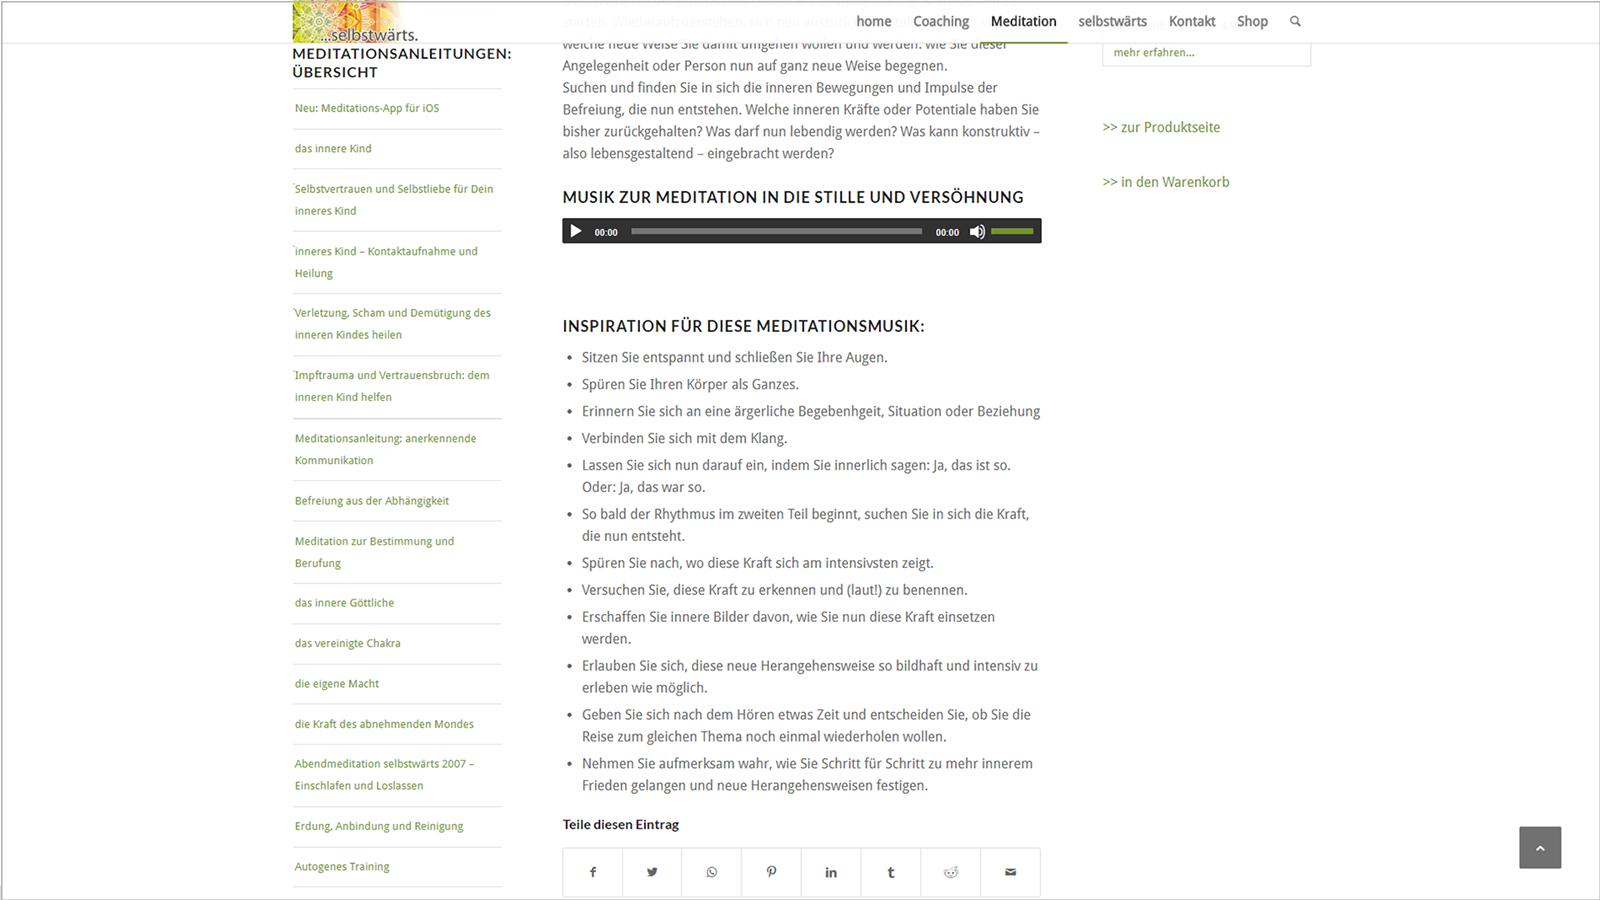 Screenshot Website Musik zur Meditation - Meditation selbstwärts